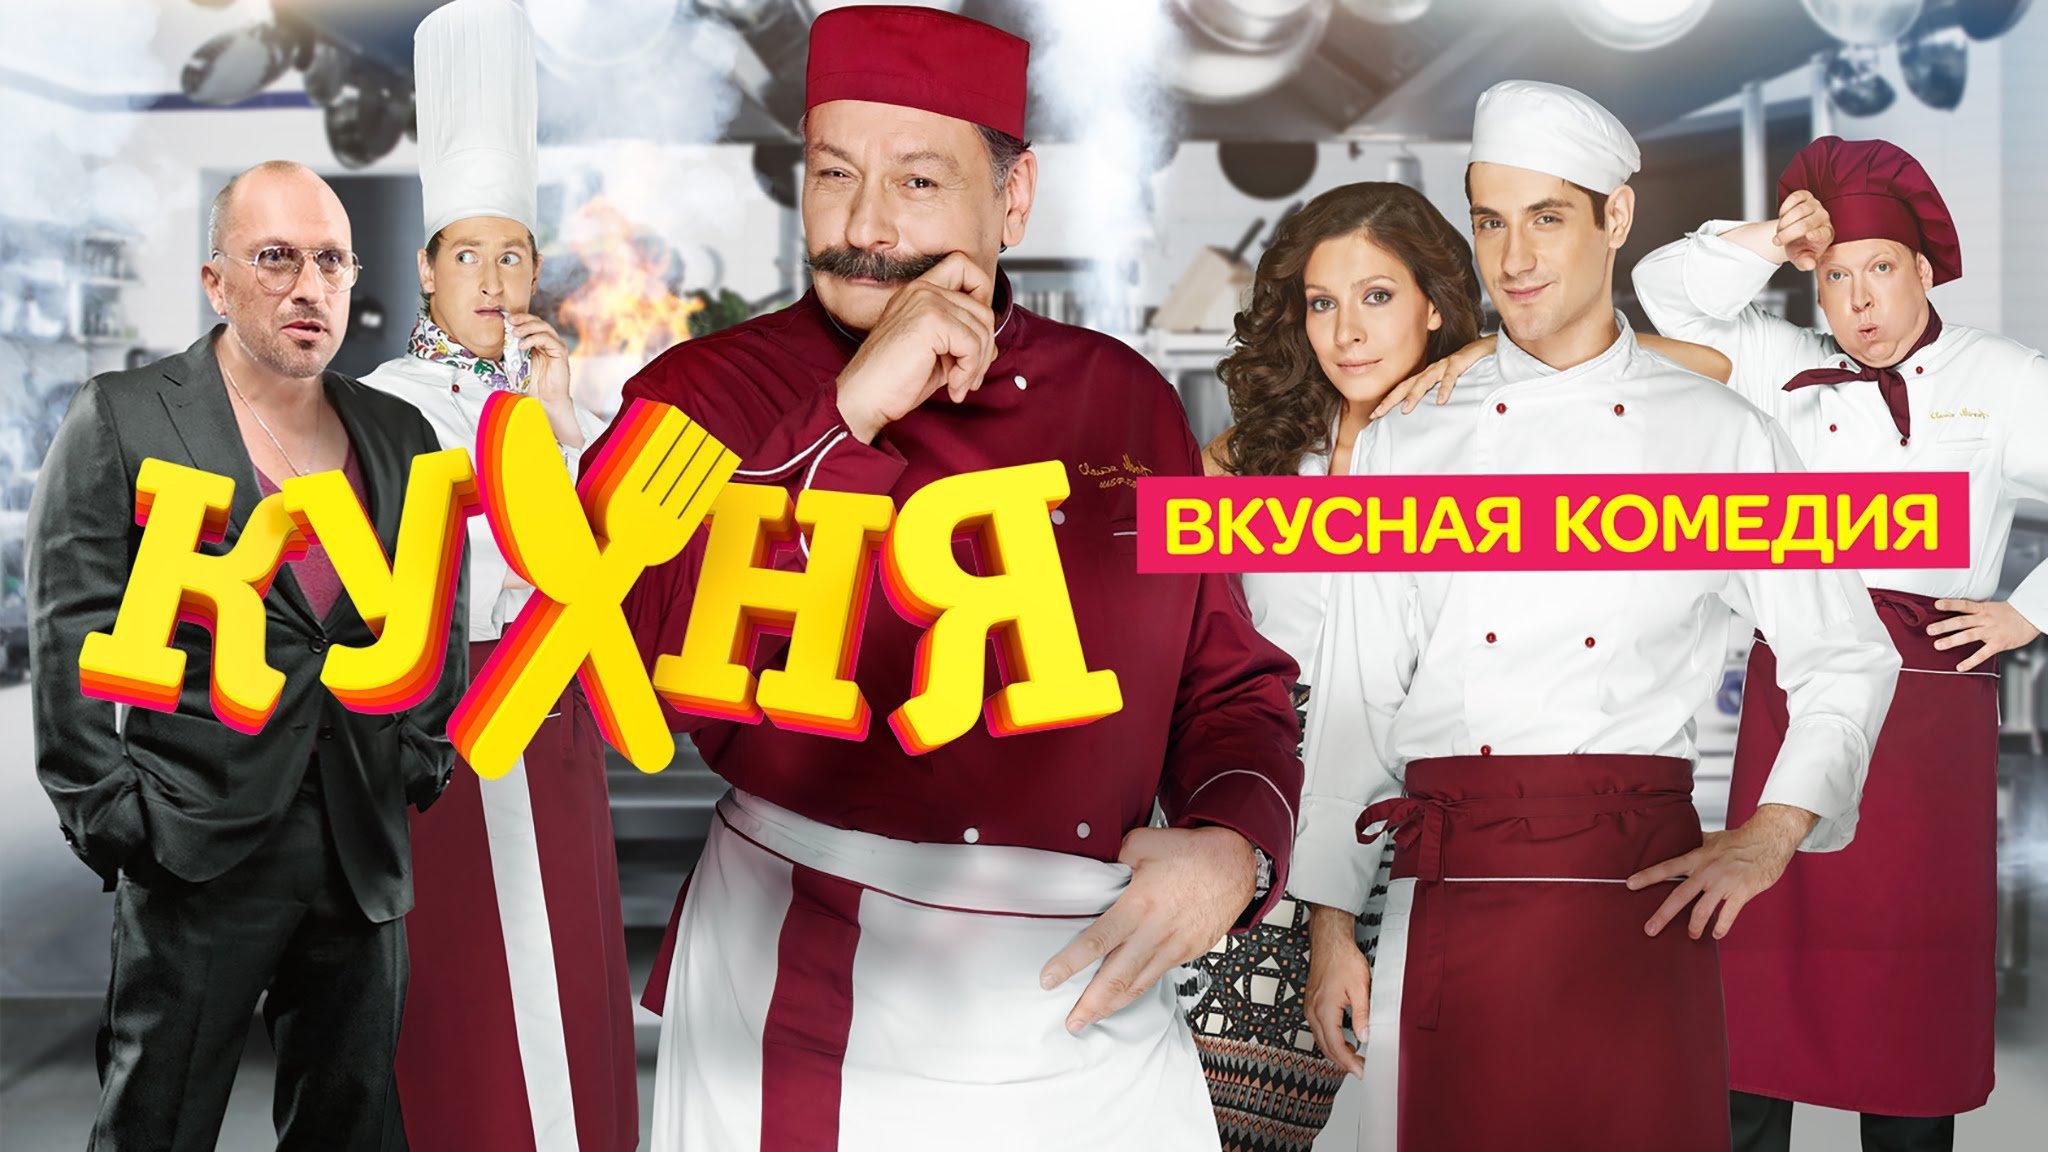 Кухня (3 сезон/2014/SATRip) скачать торрентом через торрент